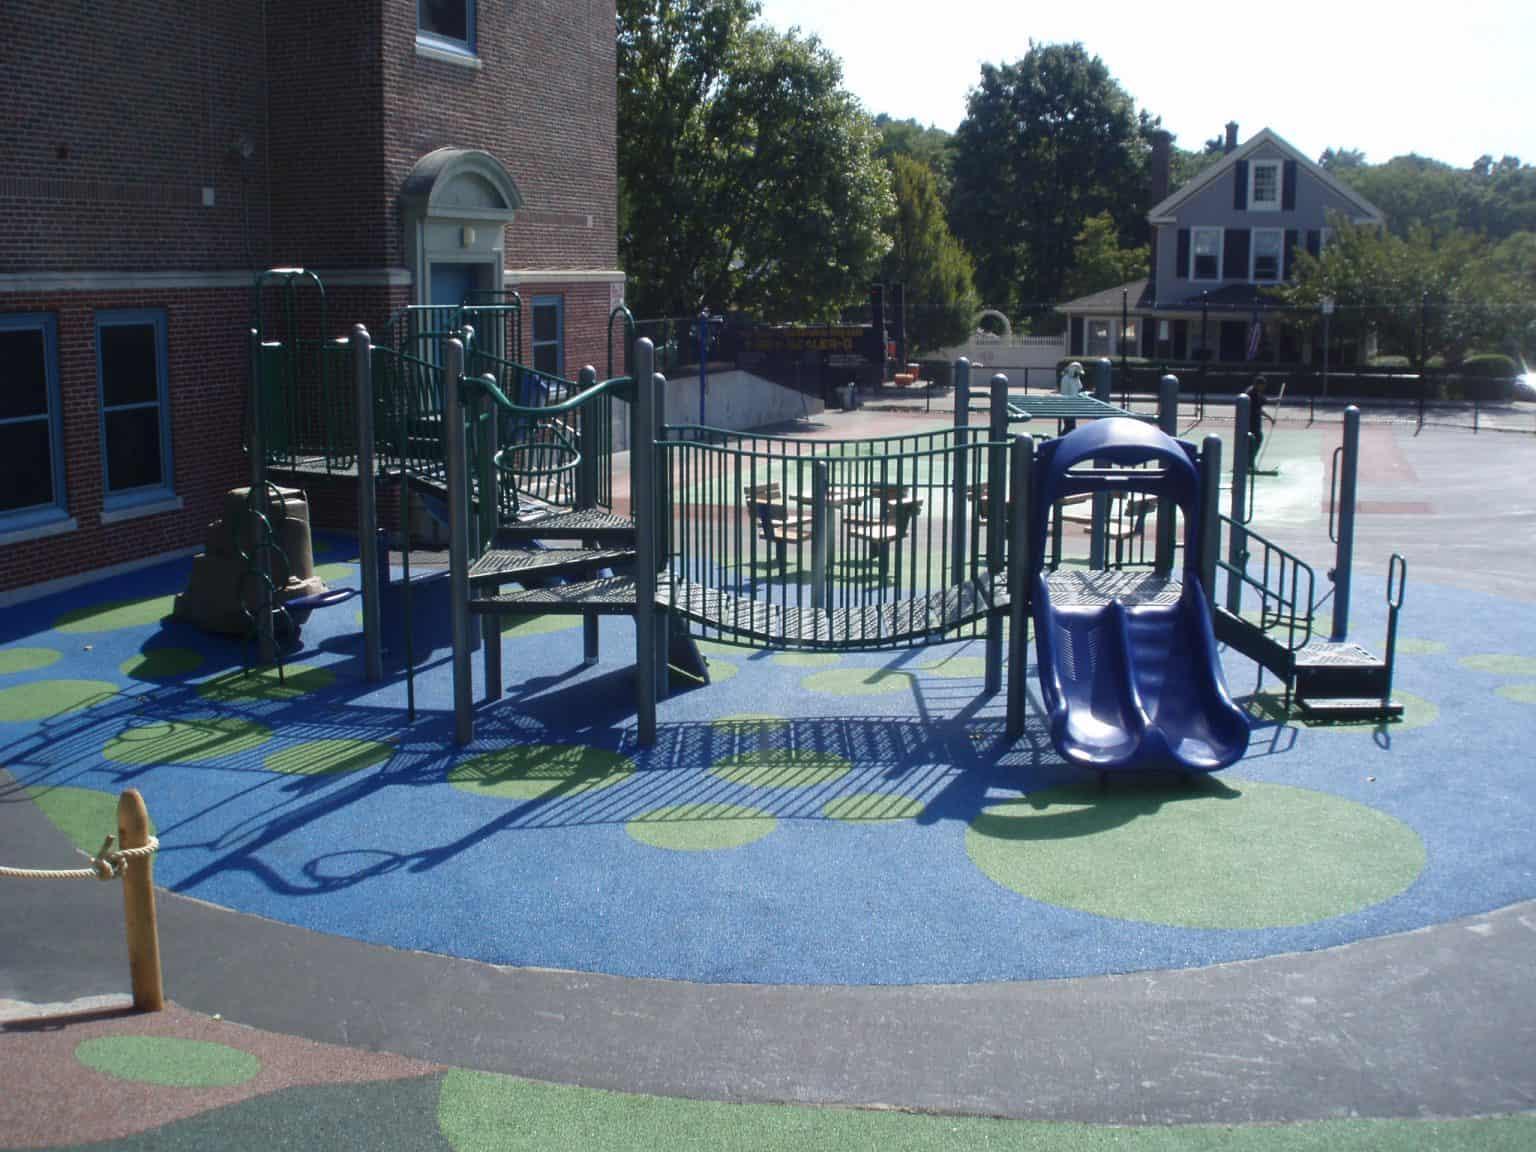 mozart-school-playground-boston-ma_11710280574_o-1536x1152